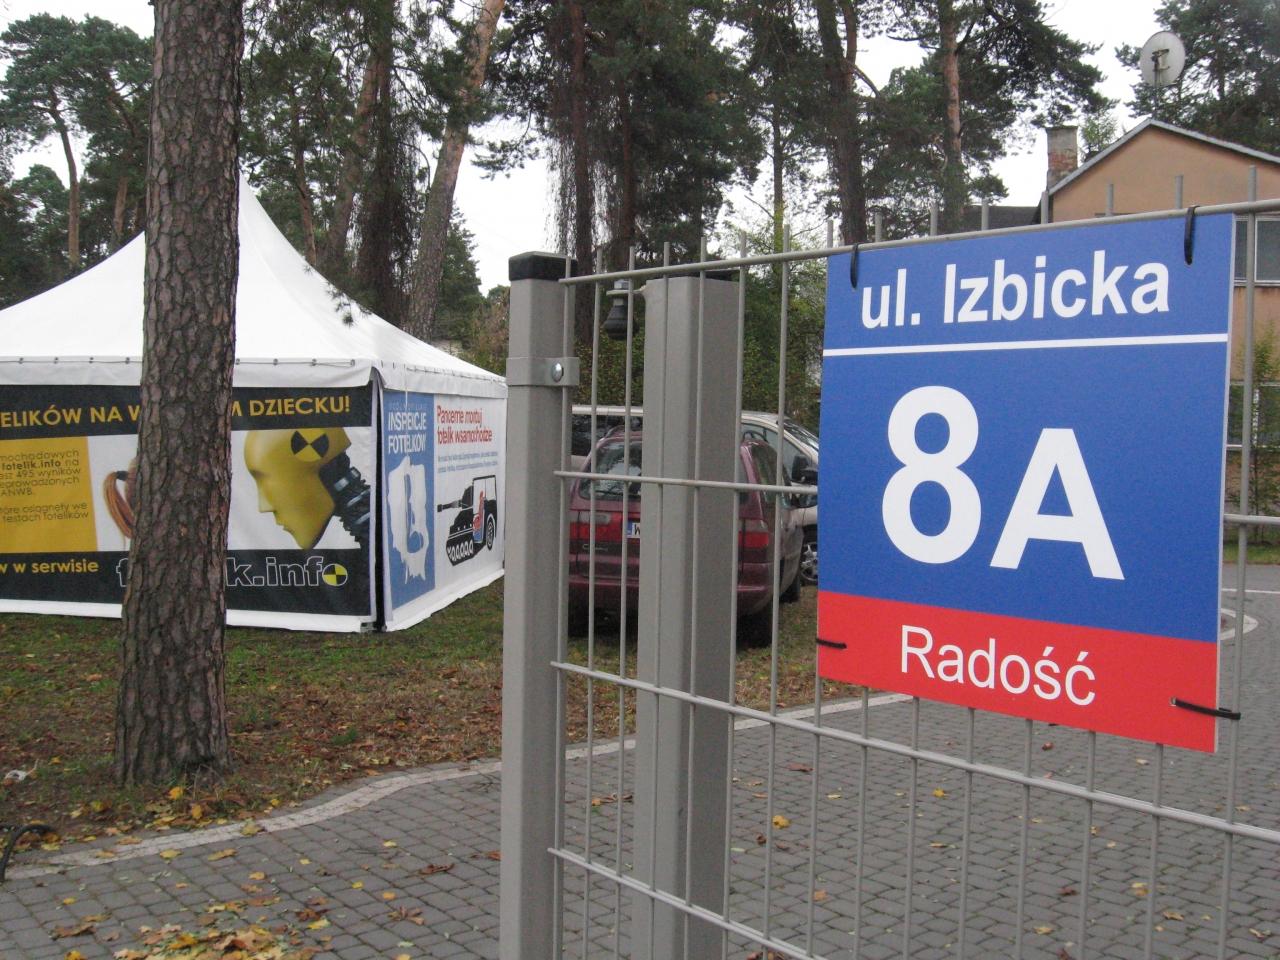 Nowa siedziba fotelik.info mieści się przy ulicy Izbickiej 8a w Warszawie-Radości